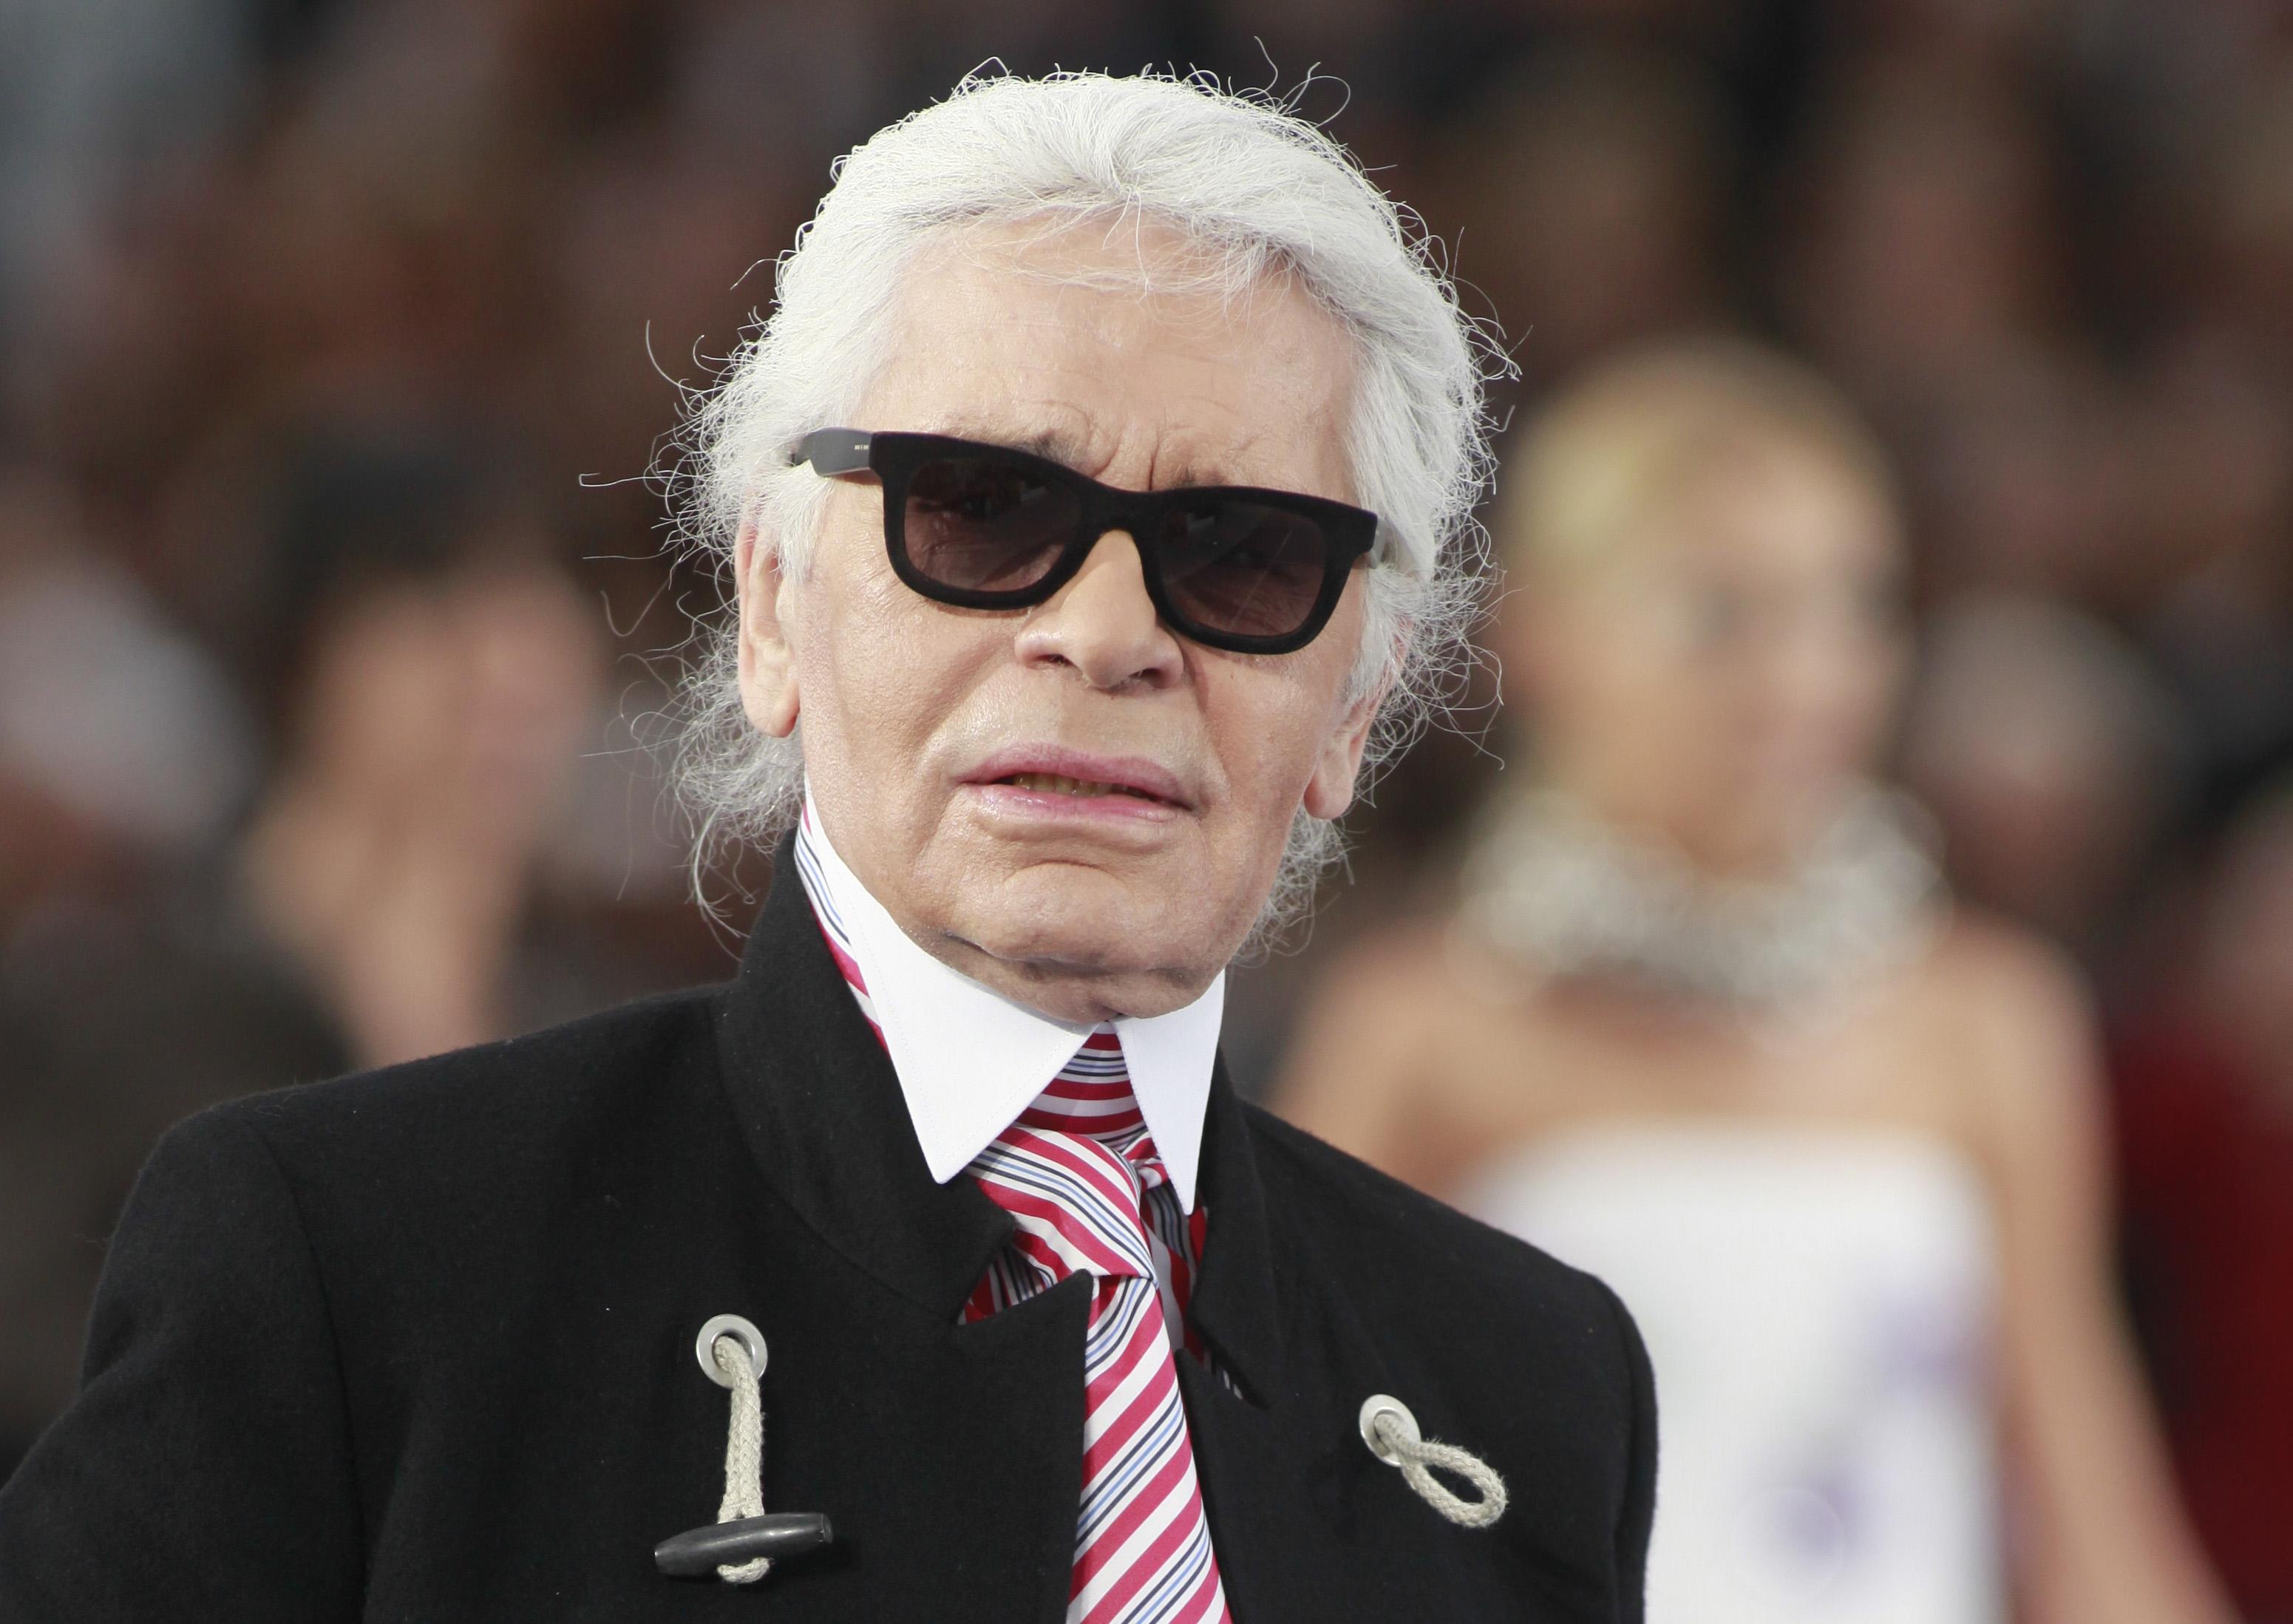 Карл Лагерфельд: Я сам постоянно ношу очки, поэтому продать их – все равно, что продать душу